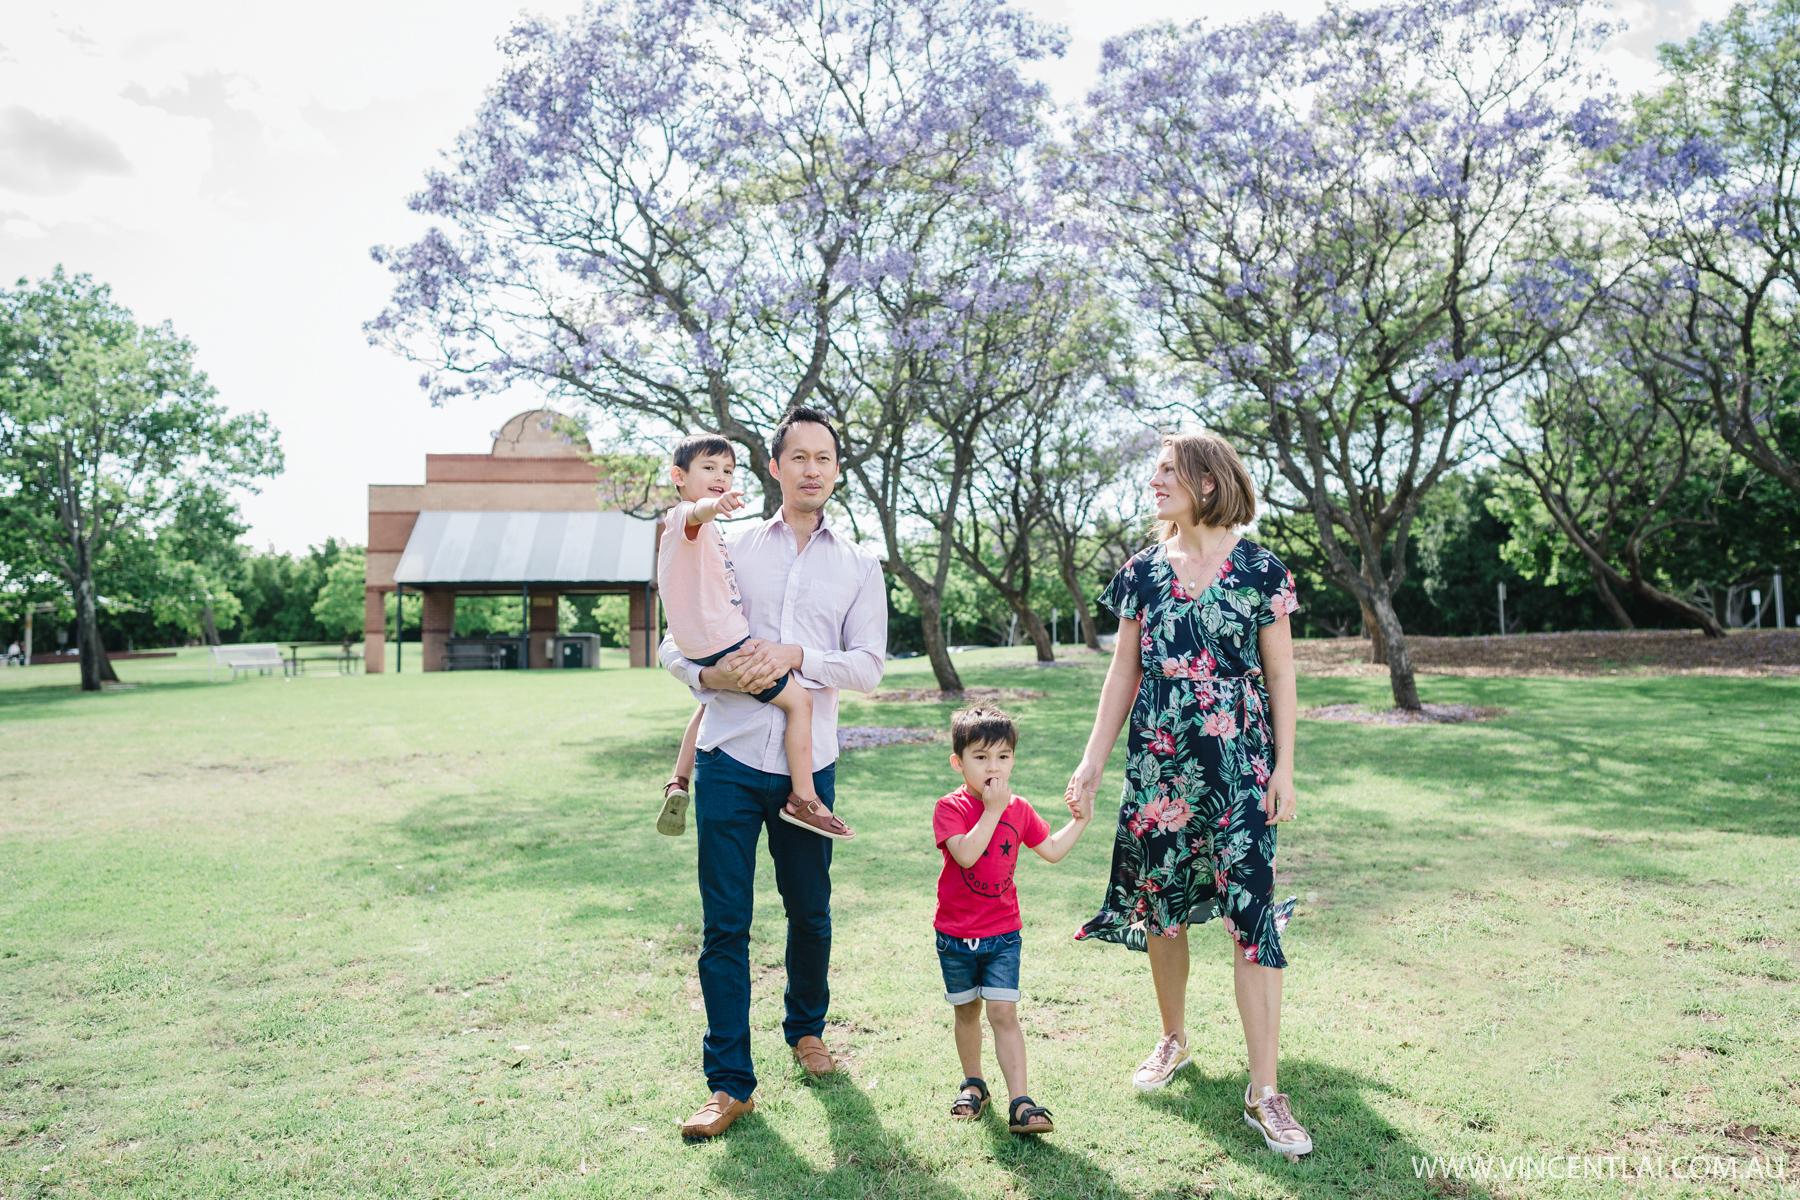 Bicentennial Park Sydney Olympic Park Family Photos